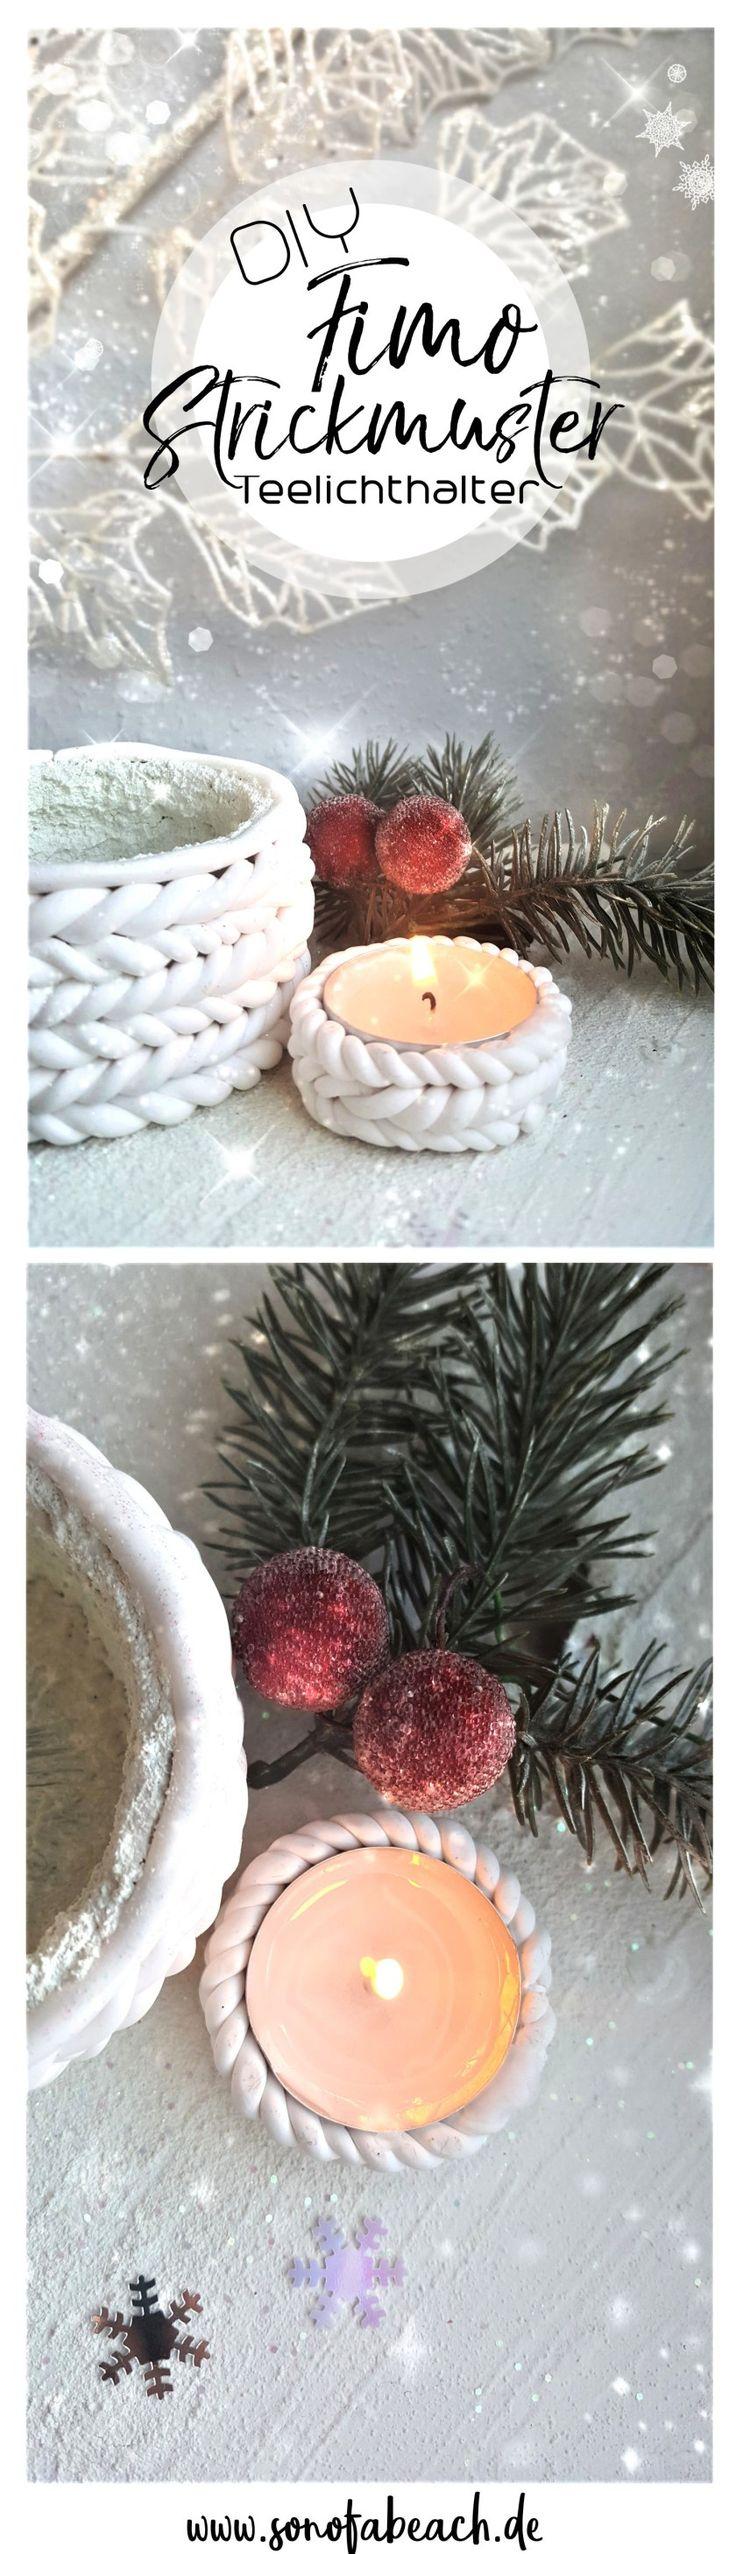 In dieser Fimo DIY Anleitung zeige ich euch, wie ihr ganz einfach einen Kerzenhalter selber machen könnt. Dazu braucht ihr nur Fimo und ein Glas und schon könnt ihr eure eigene Weihnachtsdeko  basteln. Die Teelichthalter eignen sich auch super als kleines Geschenk oder einfach als Deko Element im Winter oder Herbst, auch wenn gerade kein Weihnachten ist. #christmas #decoration #weihnachten #diy #homedecor #basteln #weihnachtsdeko #crafts